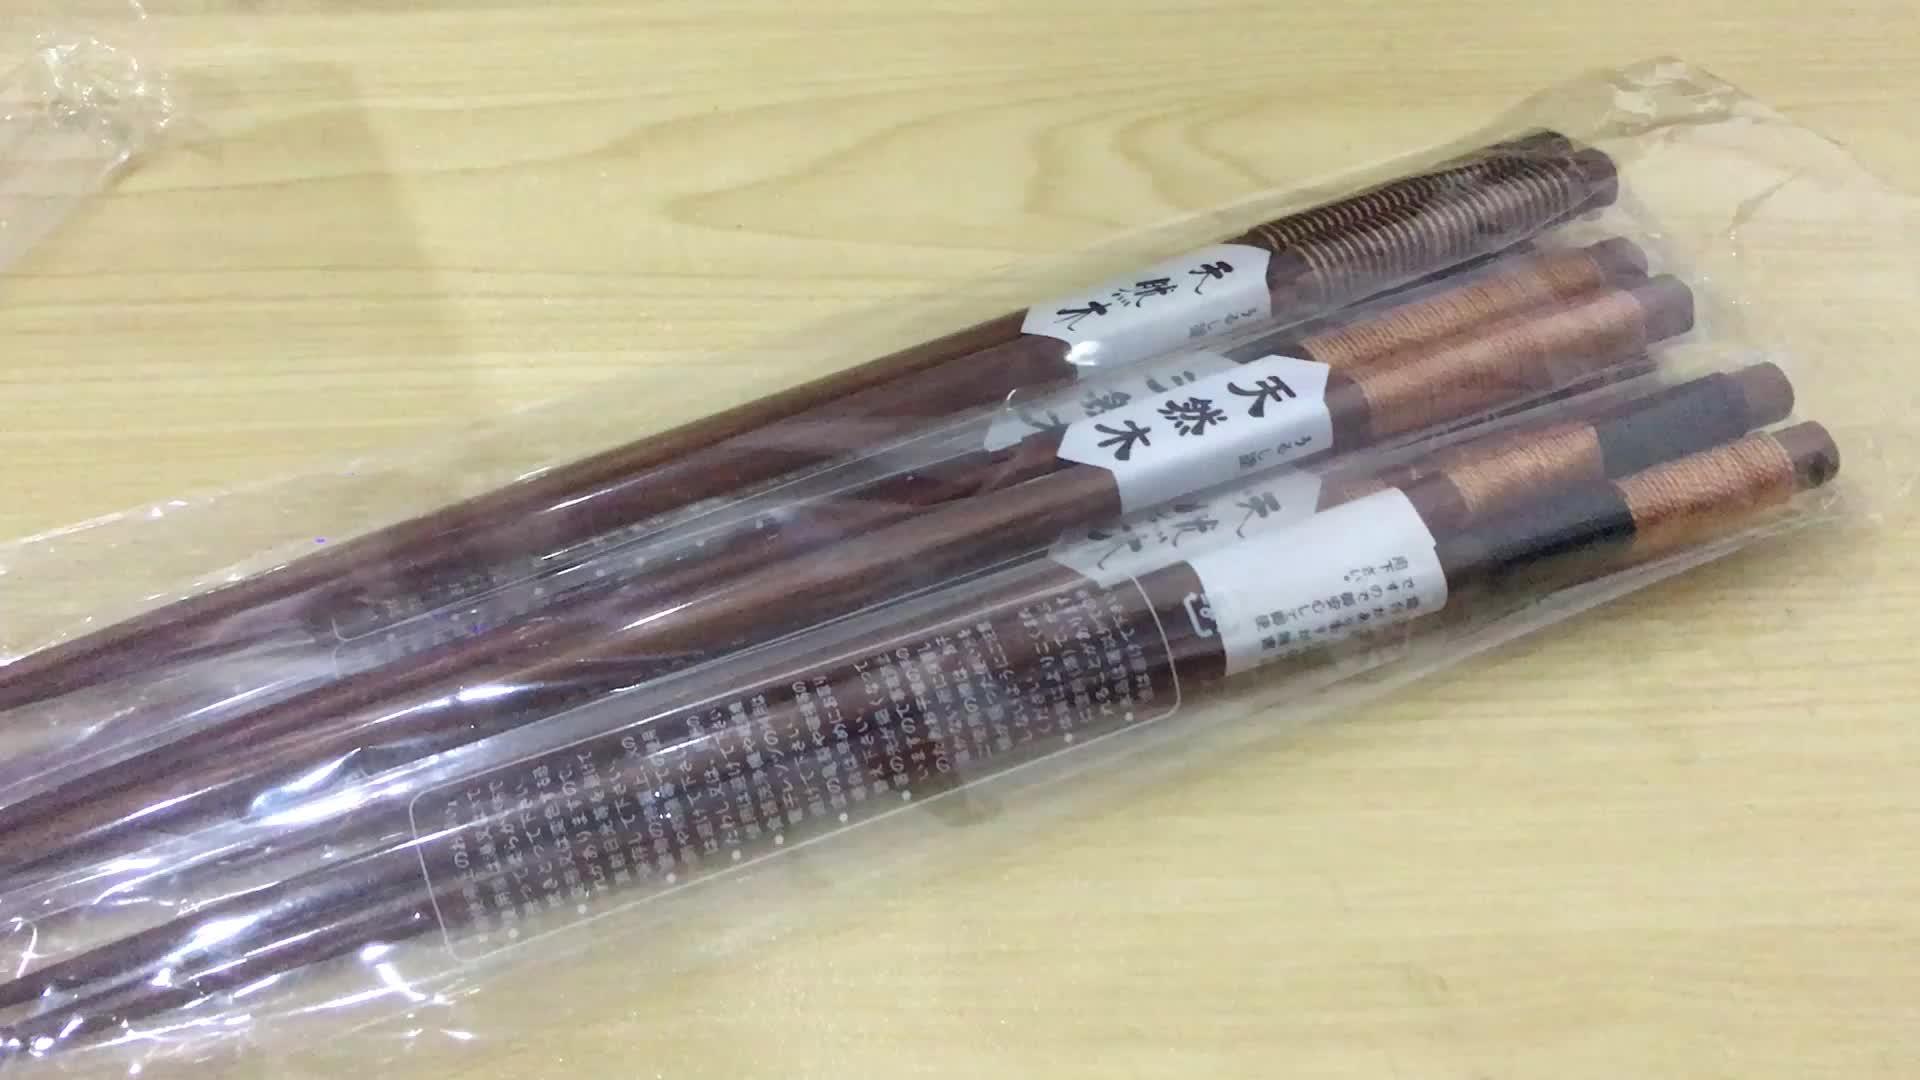 6 paia/set Elegante Fatto A Mano Naturale Bacchette di Legno di Stile Della Cina String Rotonda Durevole